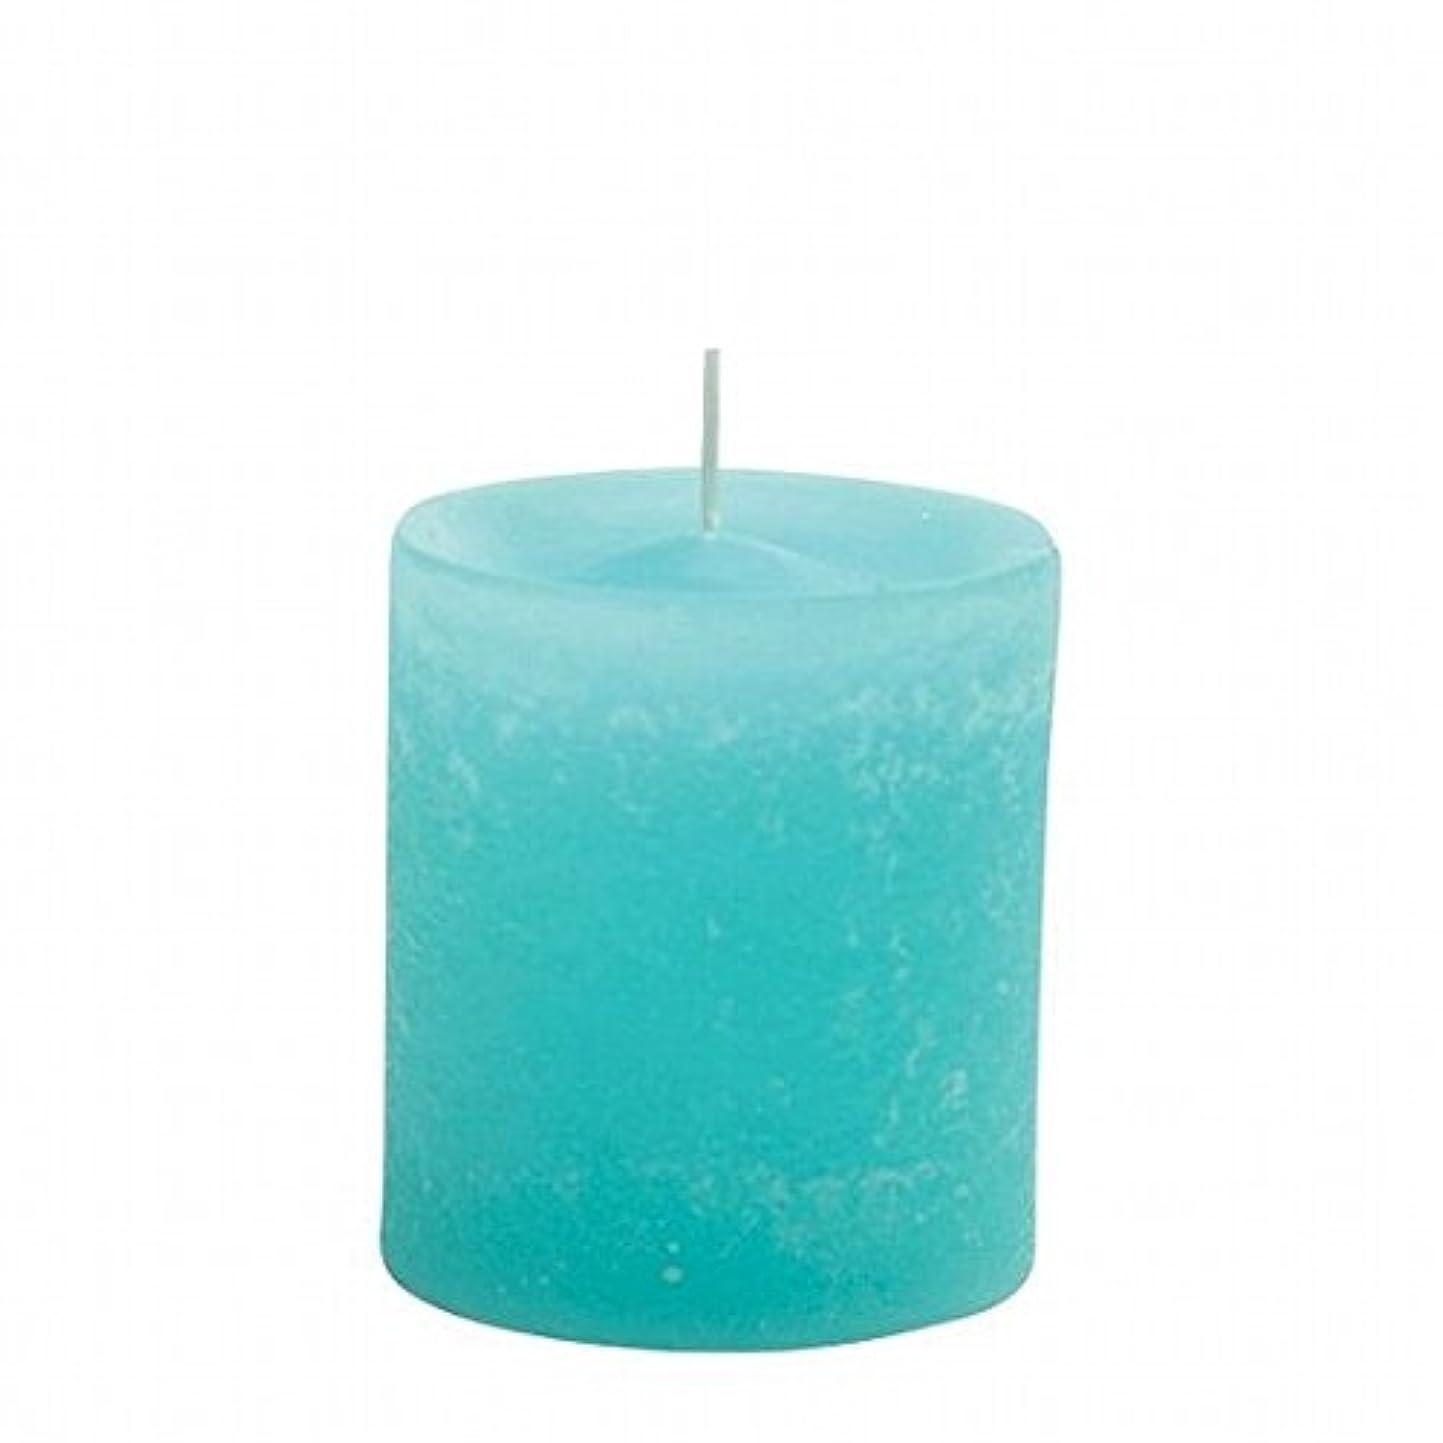 蘇生する国家阻害するkameyama candle(カメヤマキャンドル) ラスティクピラー70×75 「 ライトブルー 」(A4930010LB)